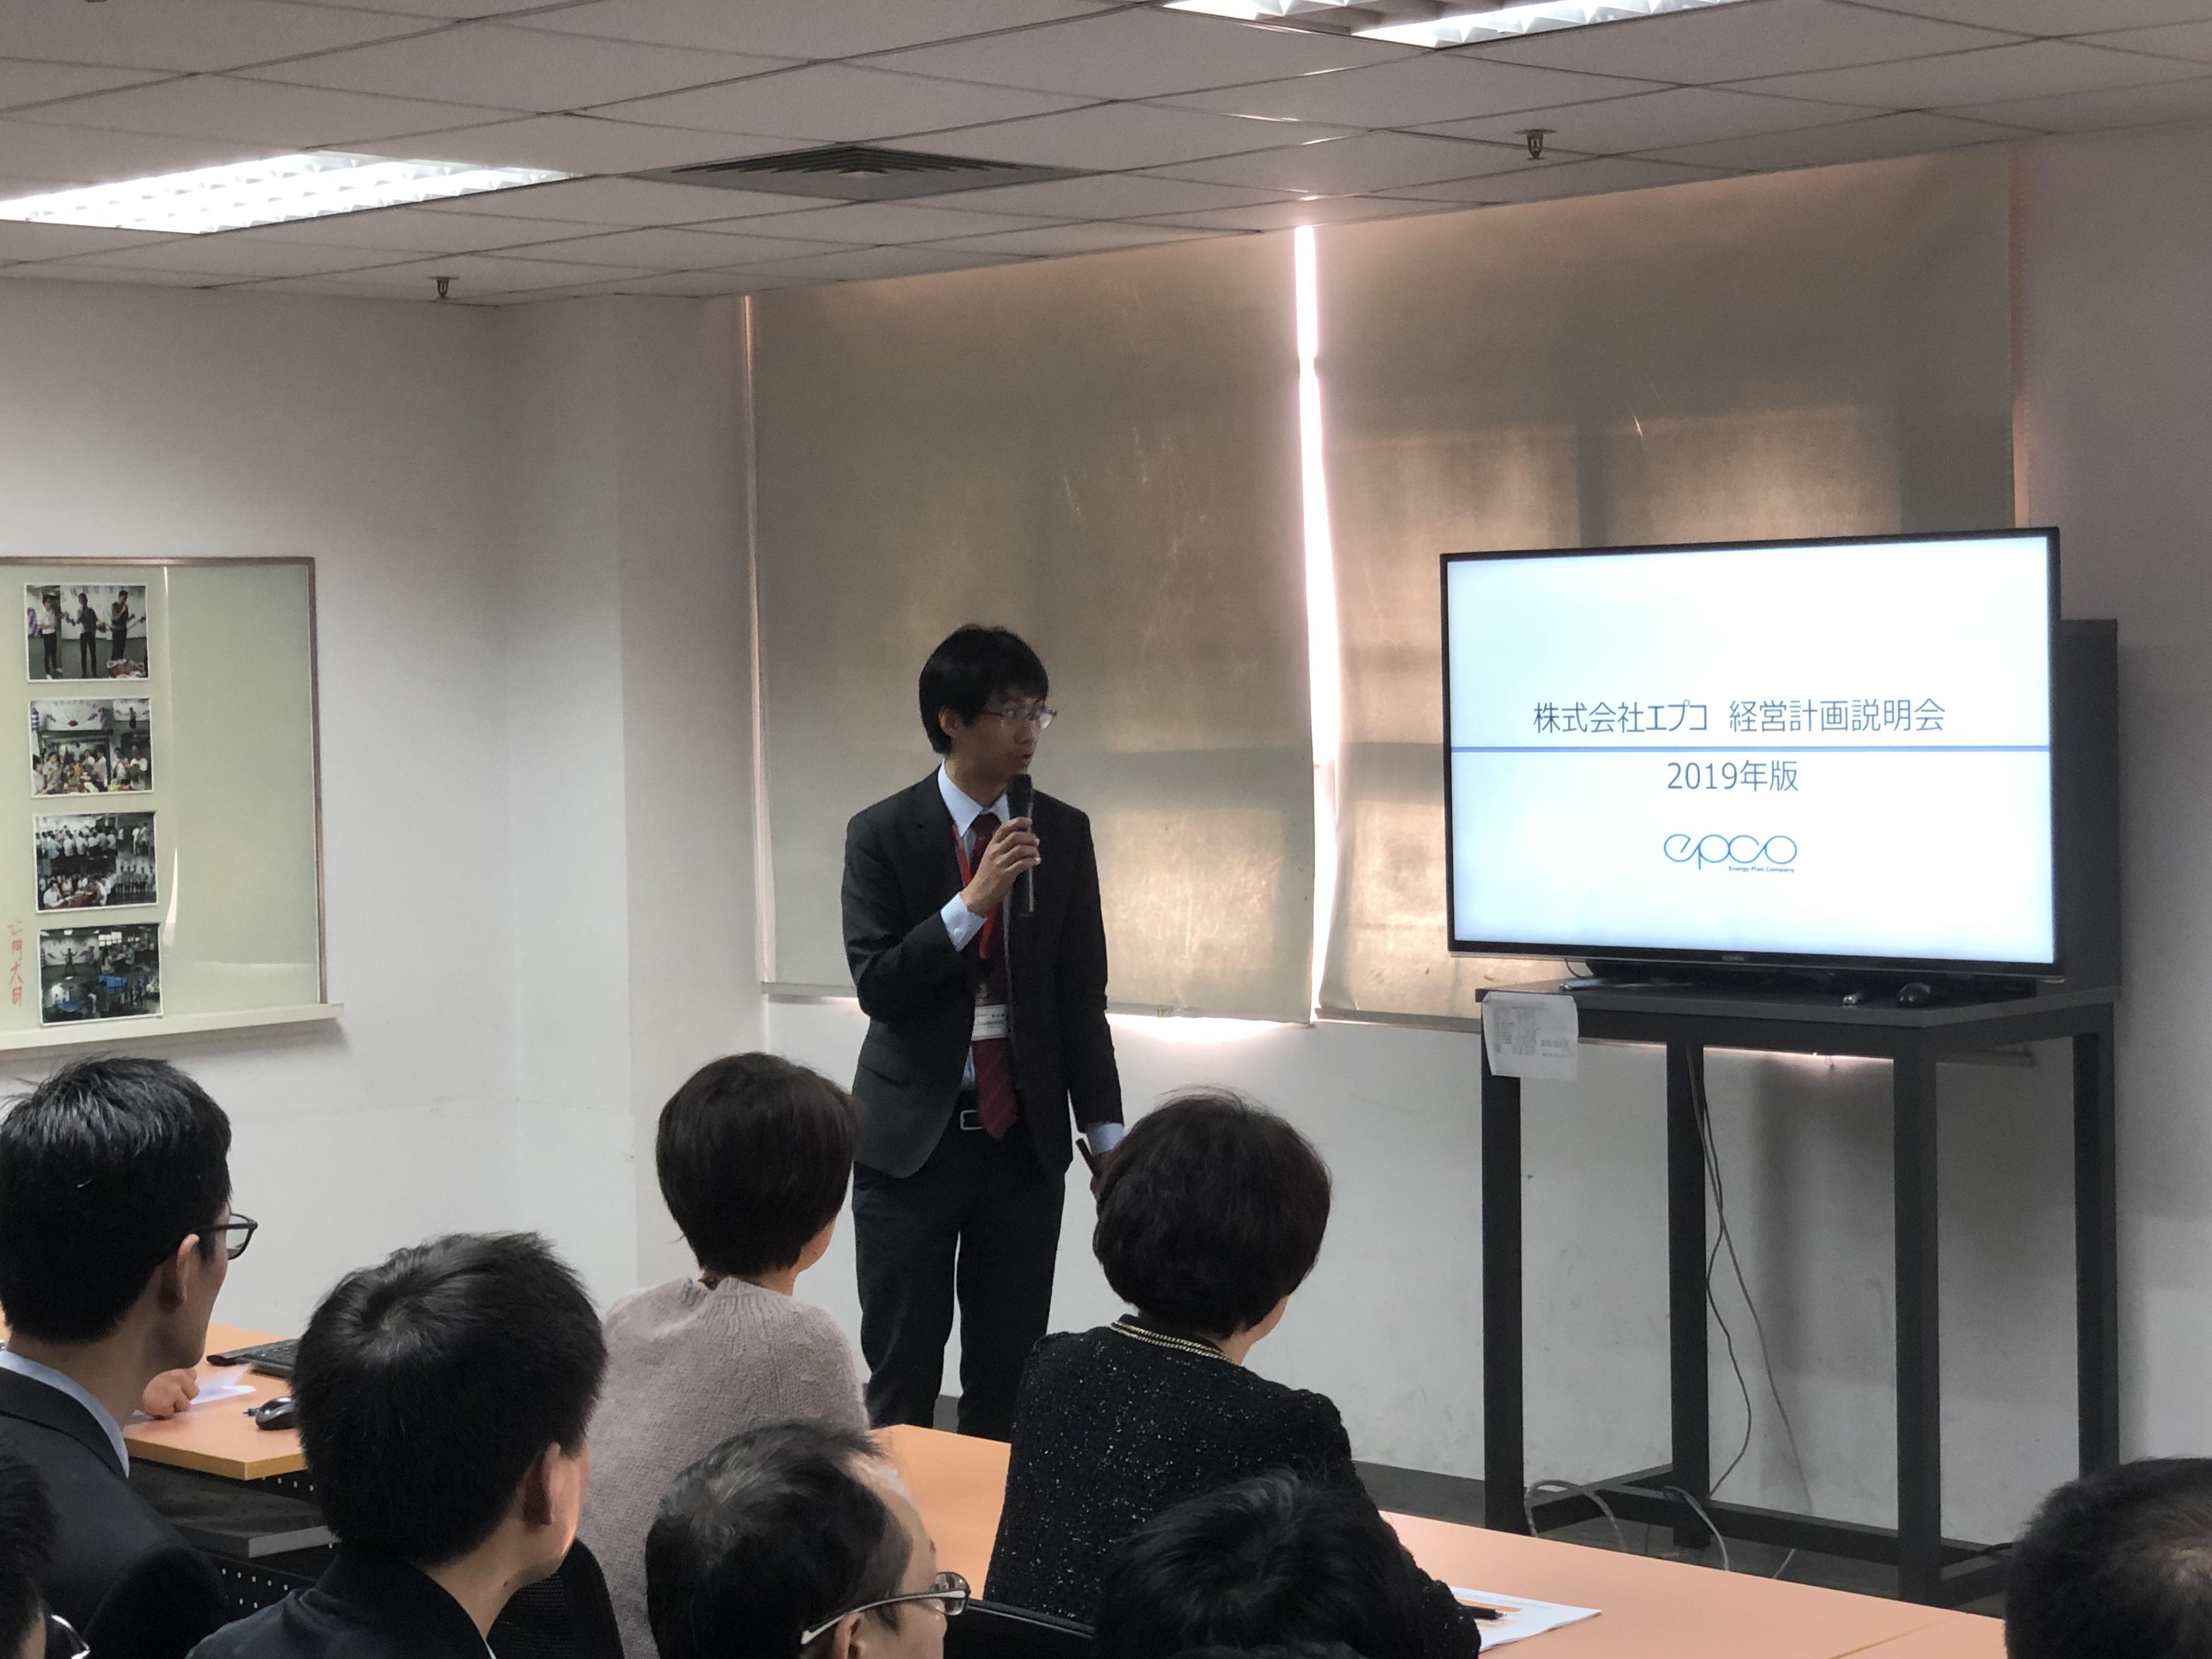 経営計画発表会@シンセン